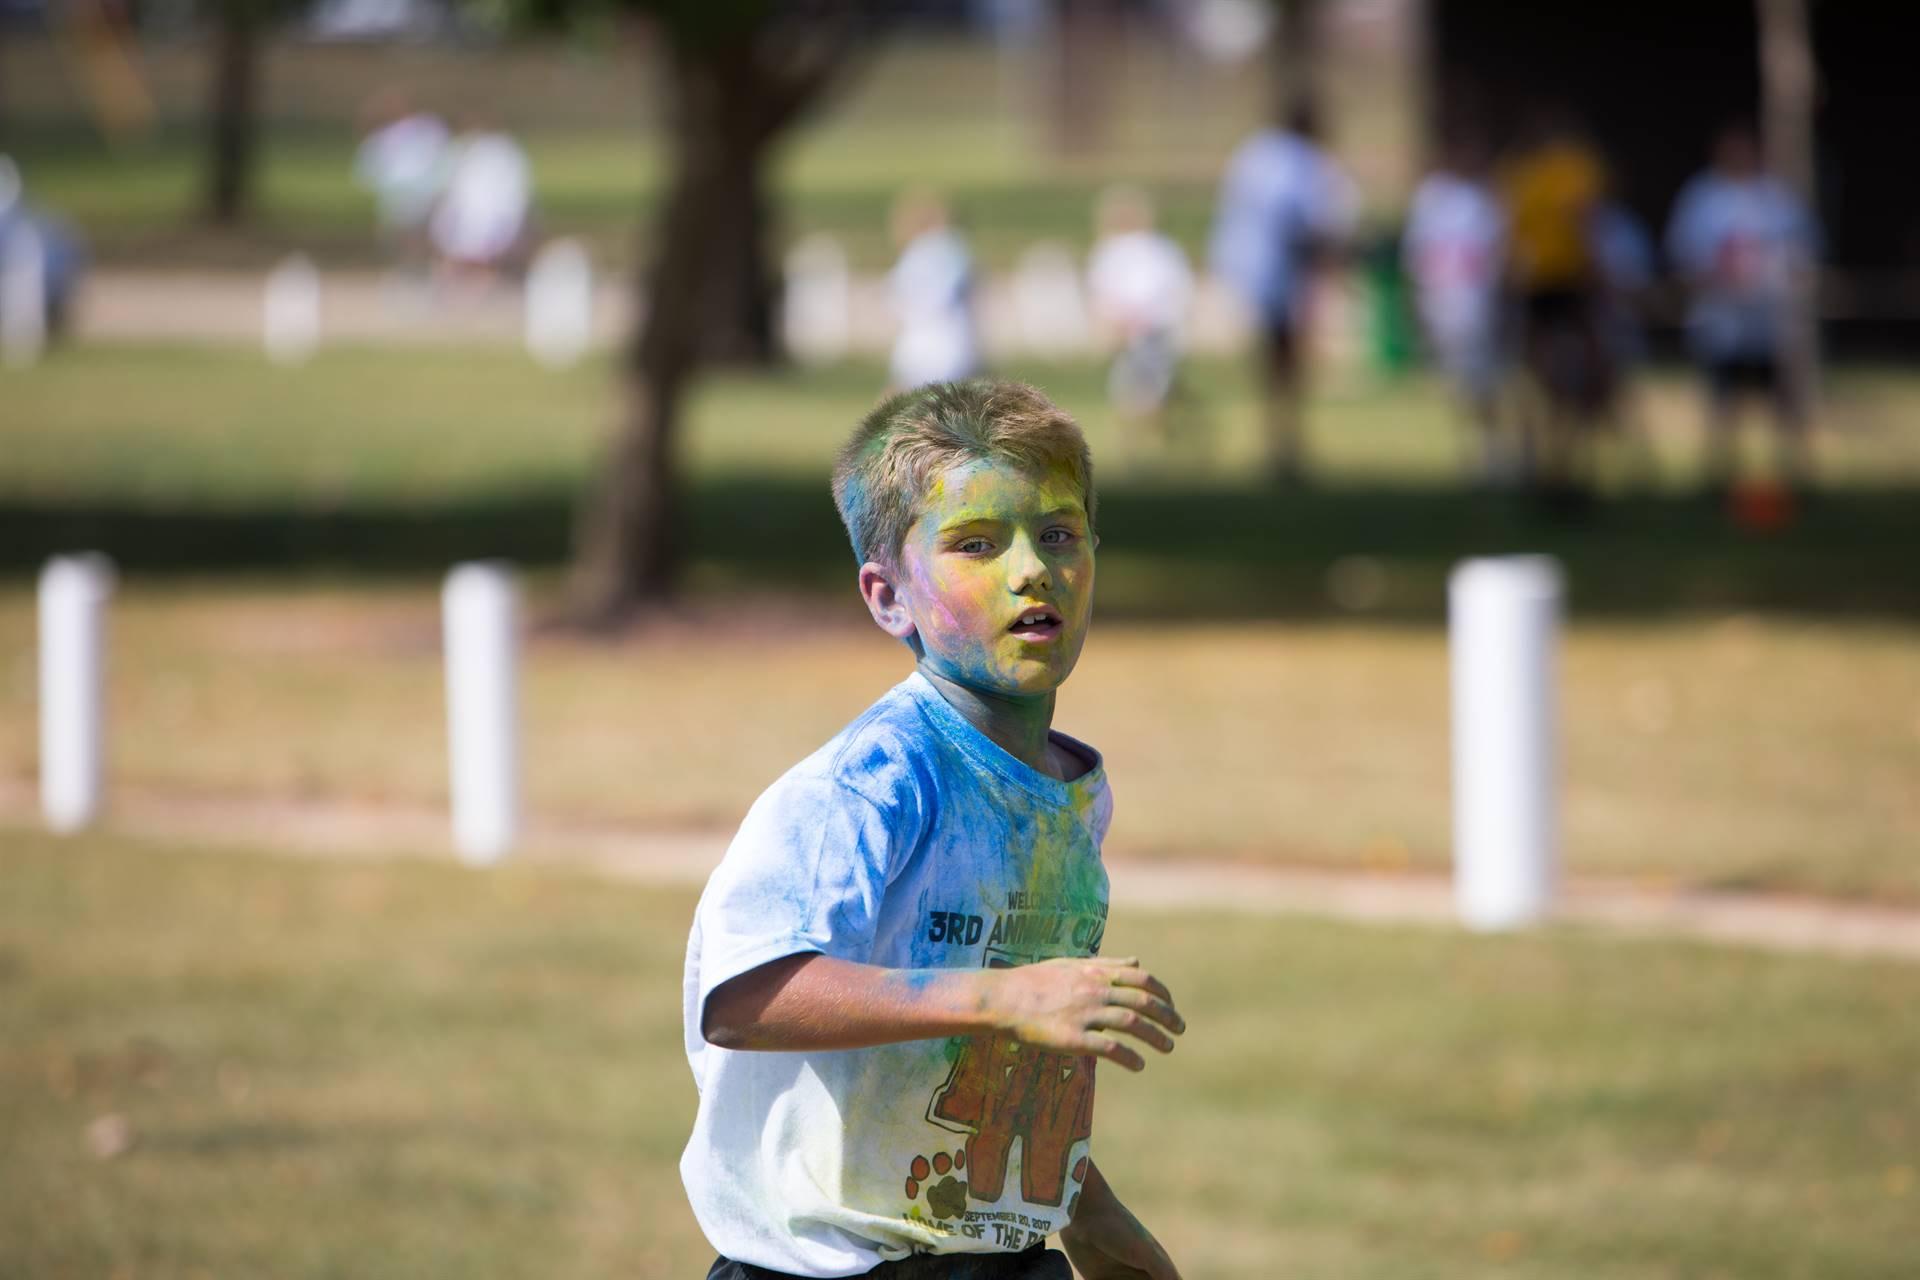 Boy at color run